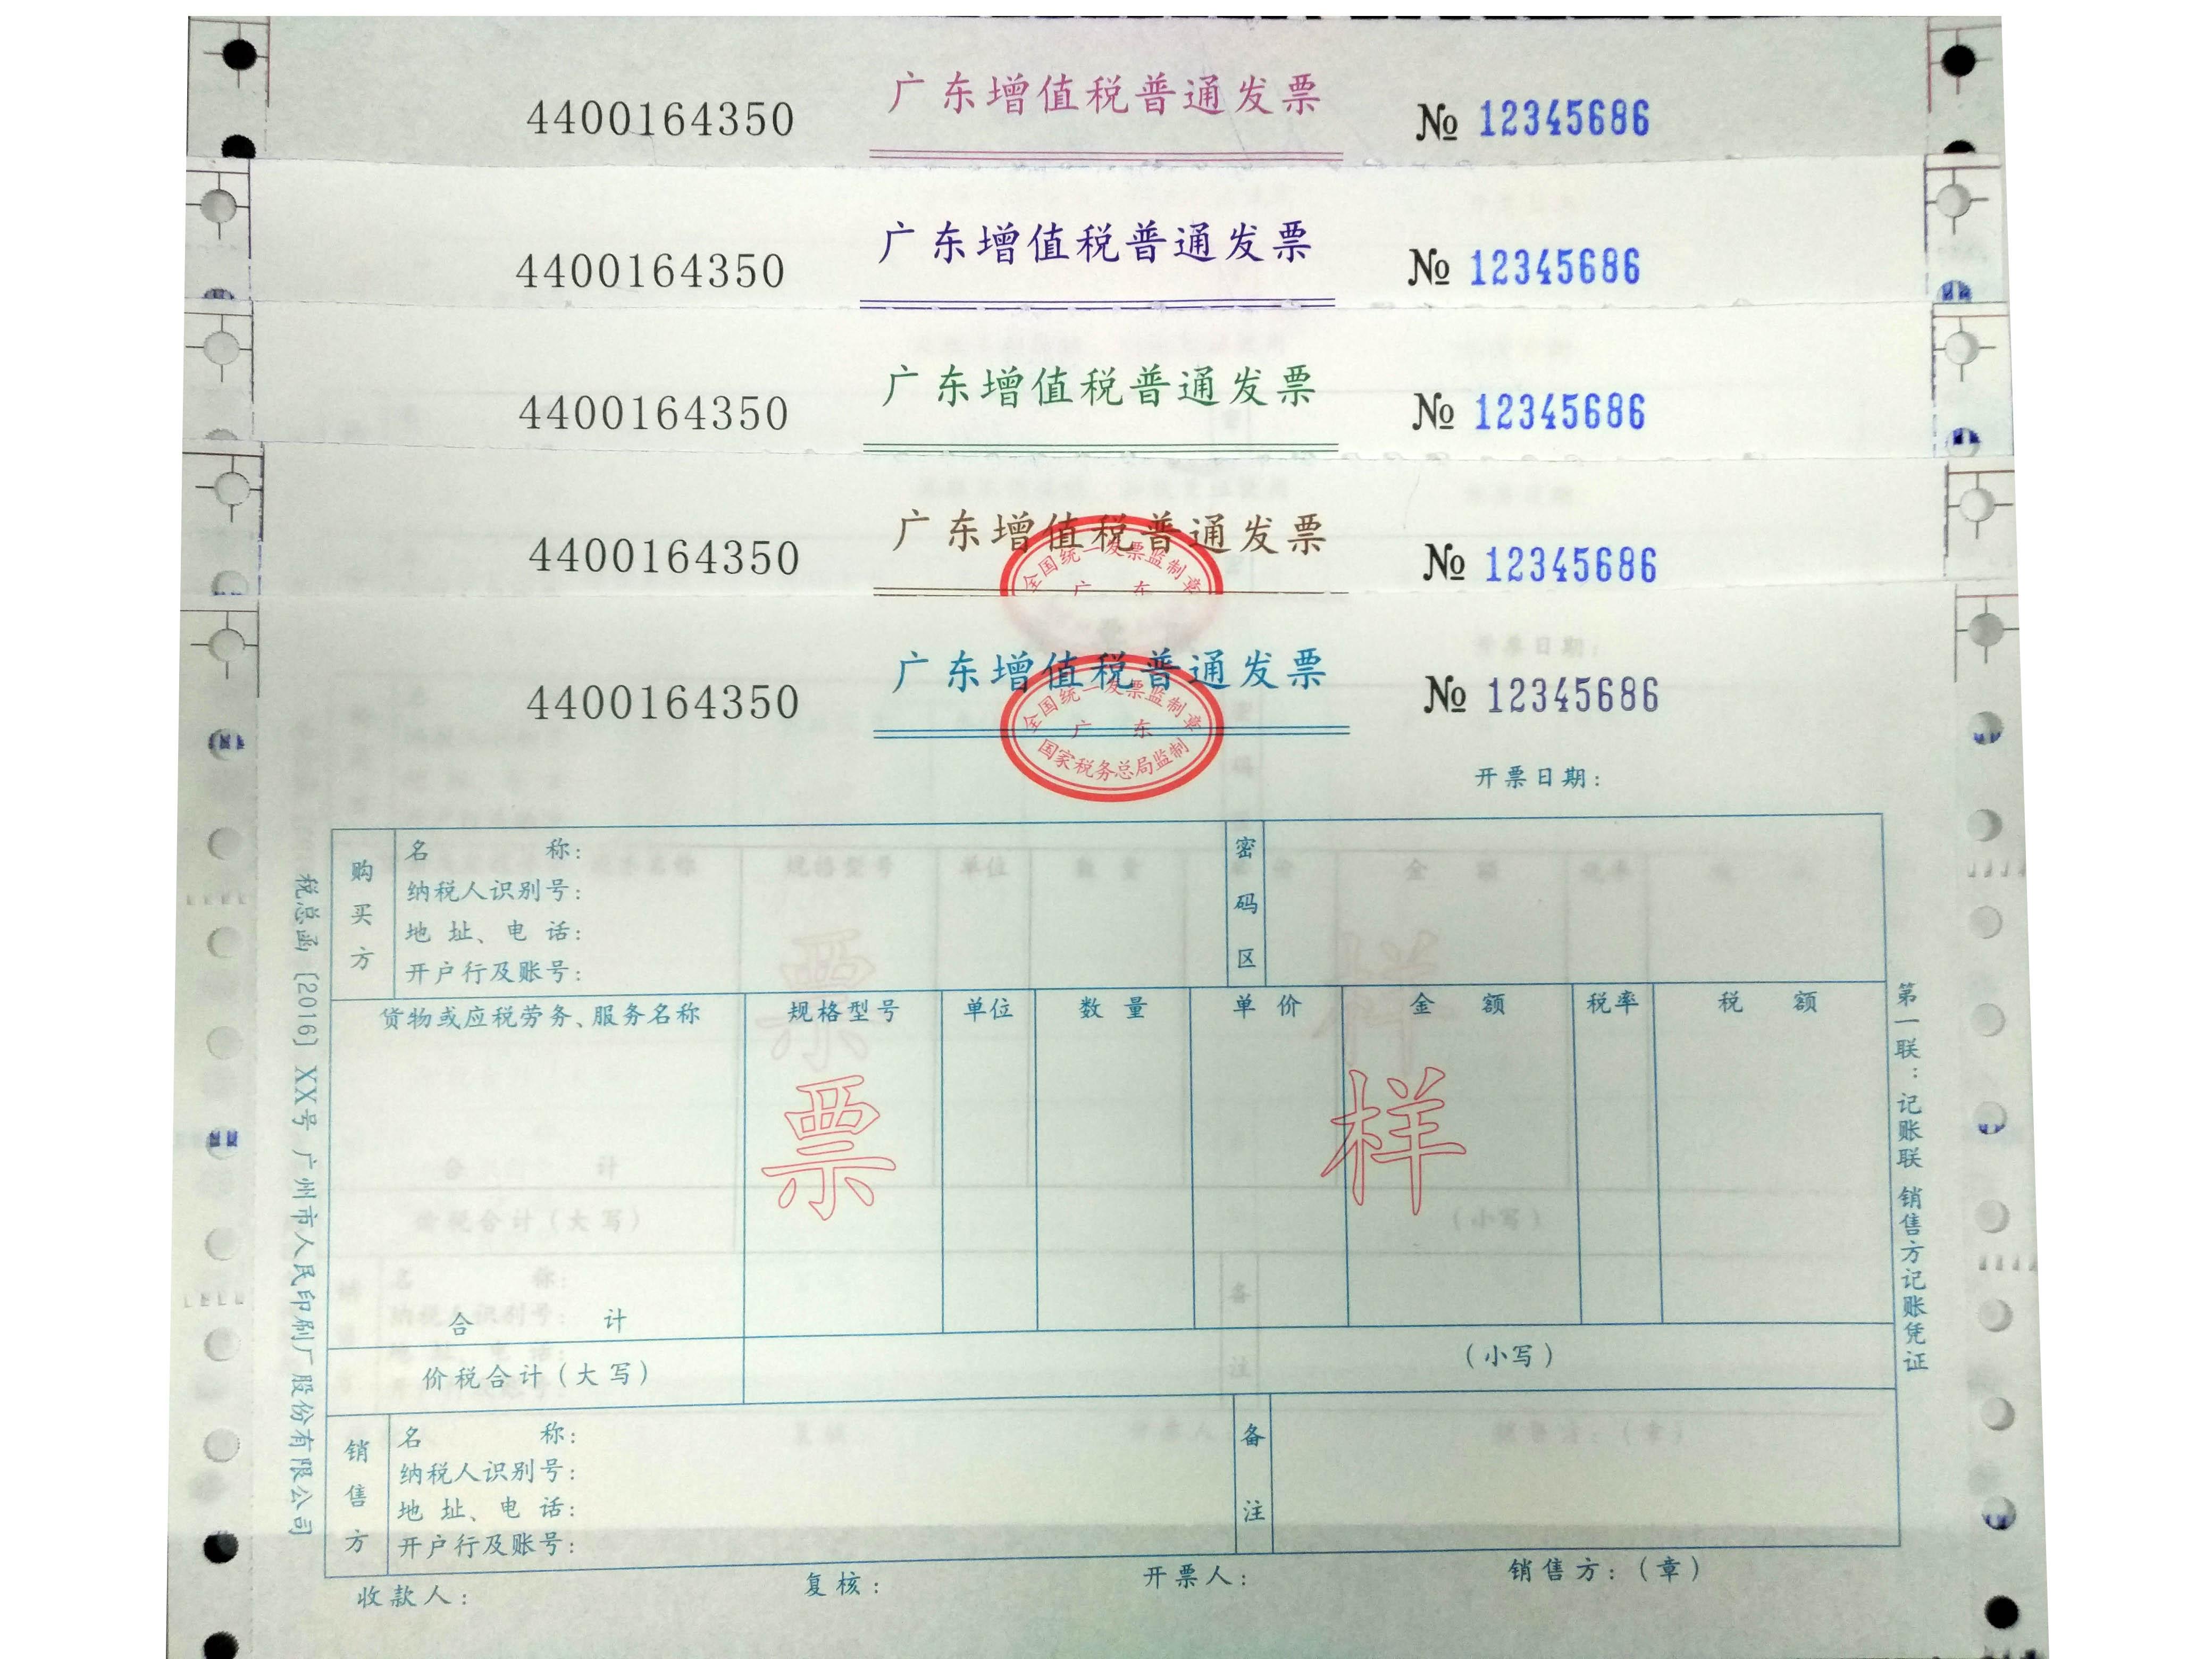 广东省增值税专用发票